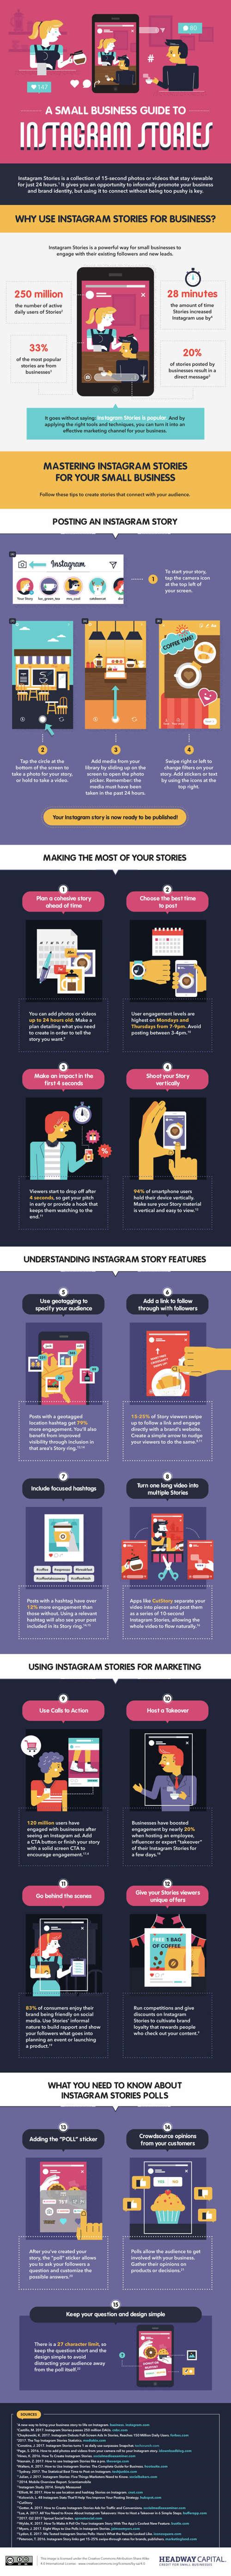 Instagram Stories para empresas infografia Instagram Stories para empresas Instagram Stories para empresas, ¿cómo usar las historias para tu negocio? Instagram Stories para empresas infografia